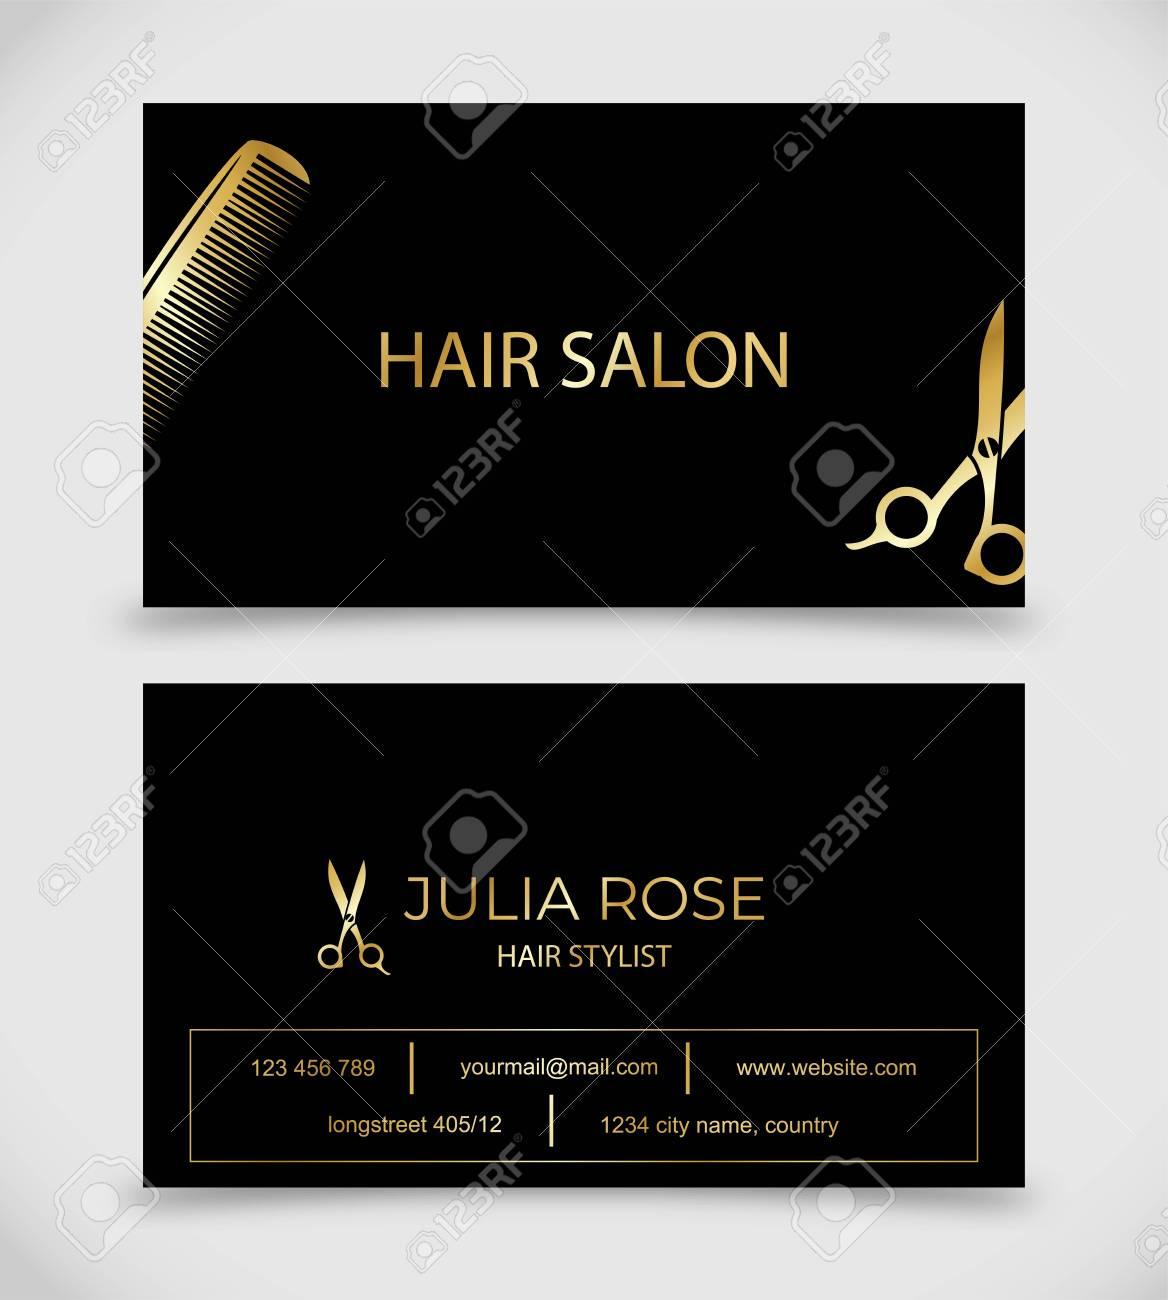 Hair Salon Hair Stylist Business Card Vector Template